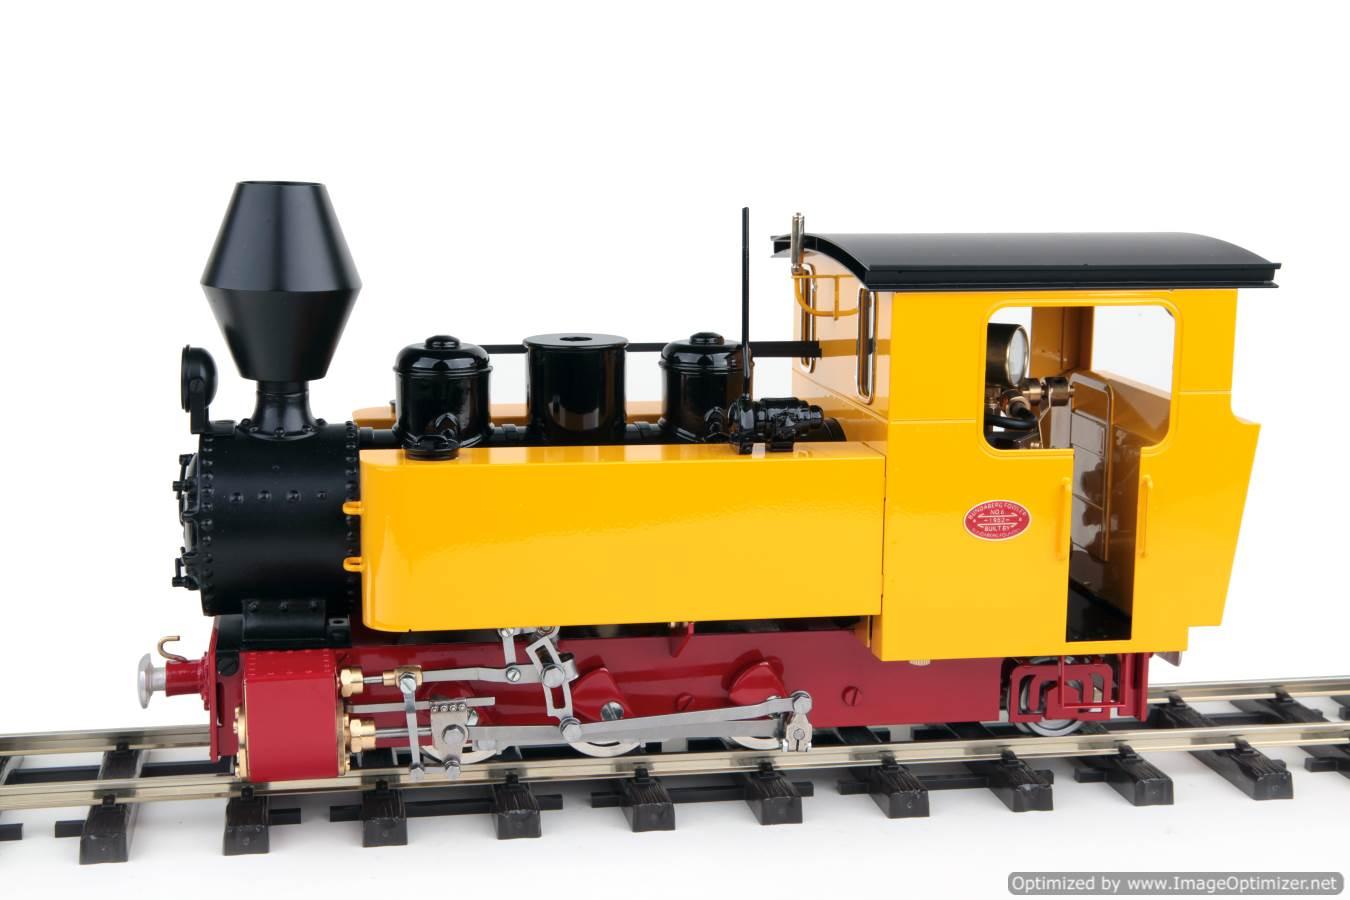 test Bundaberg Roundhouse locomotive for sale 04 Optimized